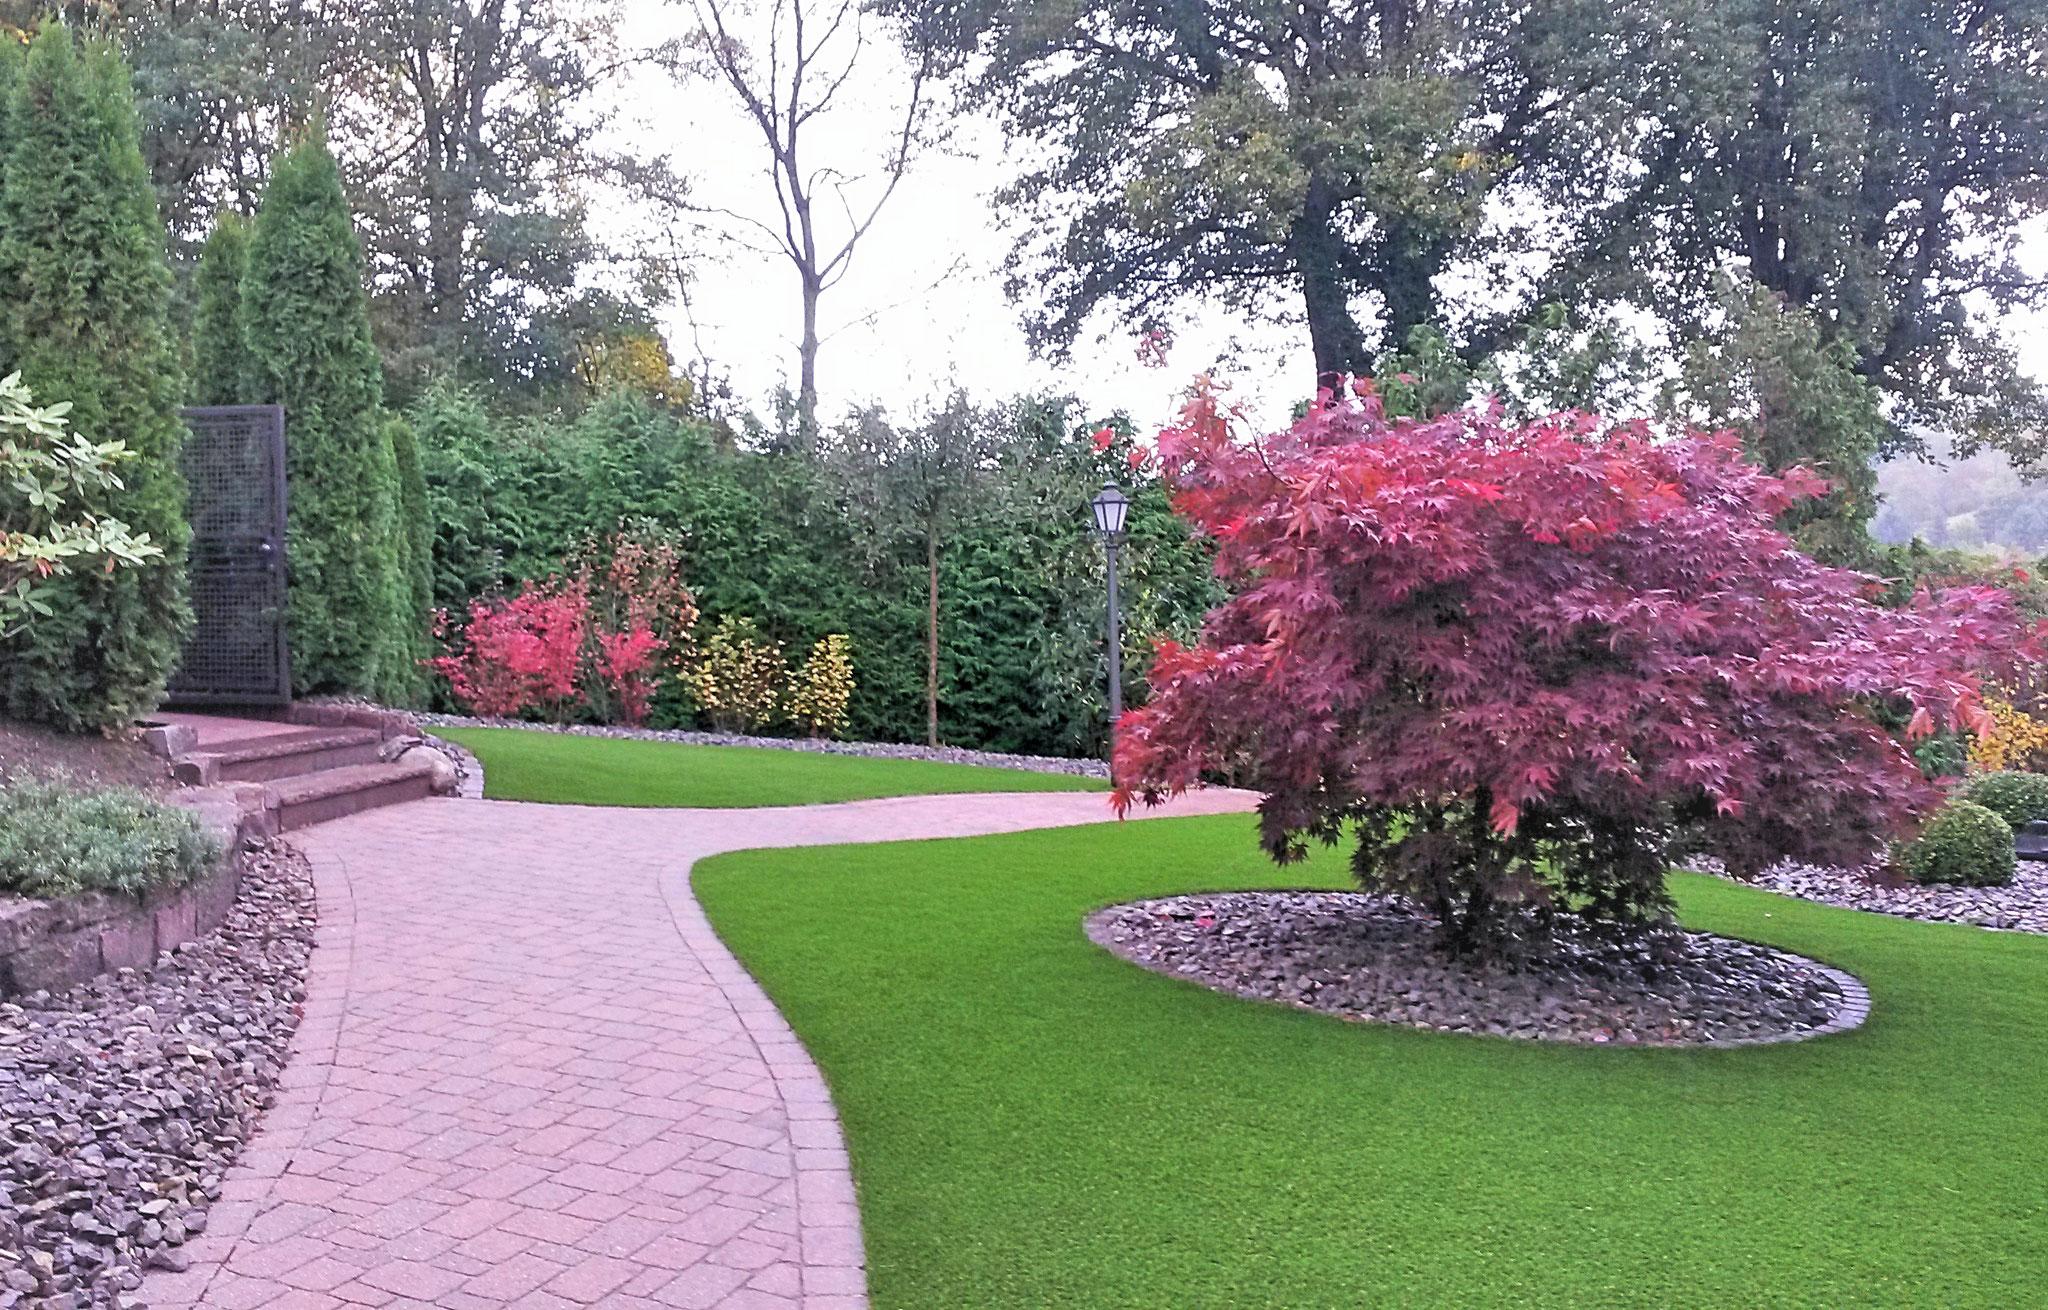 Pflasterfläche, Pflanzen und Kunstrasen - eine schöne Kombination